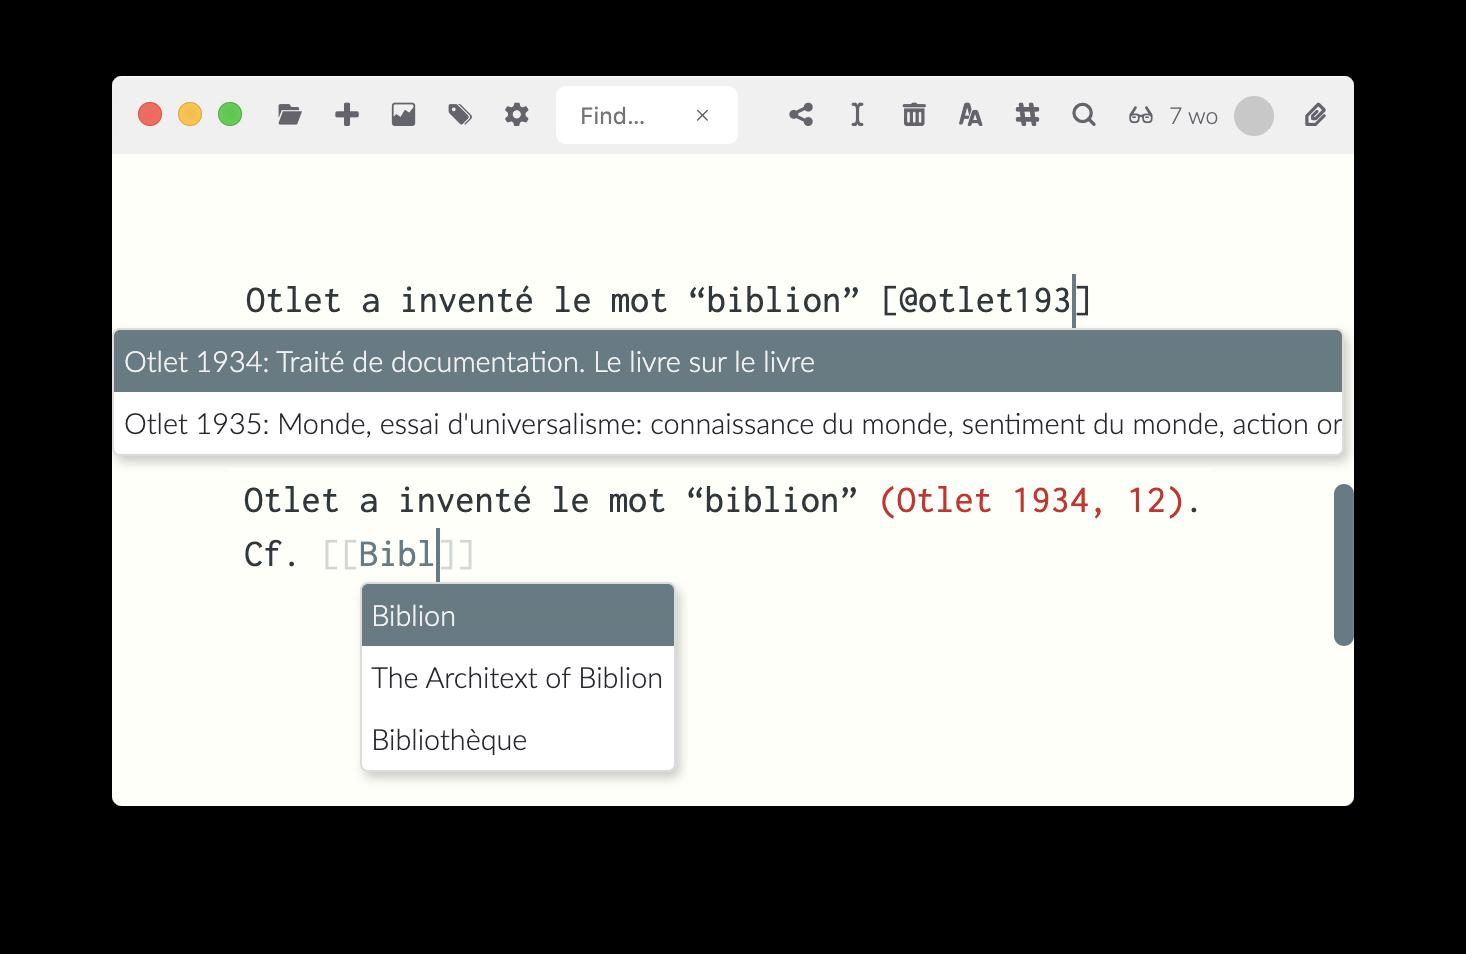 Le sélecteur de clé pour les citations et le sélecteur de fichier pour les liens internes dans Zettlr (NB: c'est un montage, les deux ne peuvent pas apparaître en même temps).